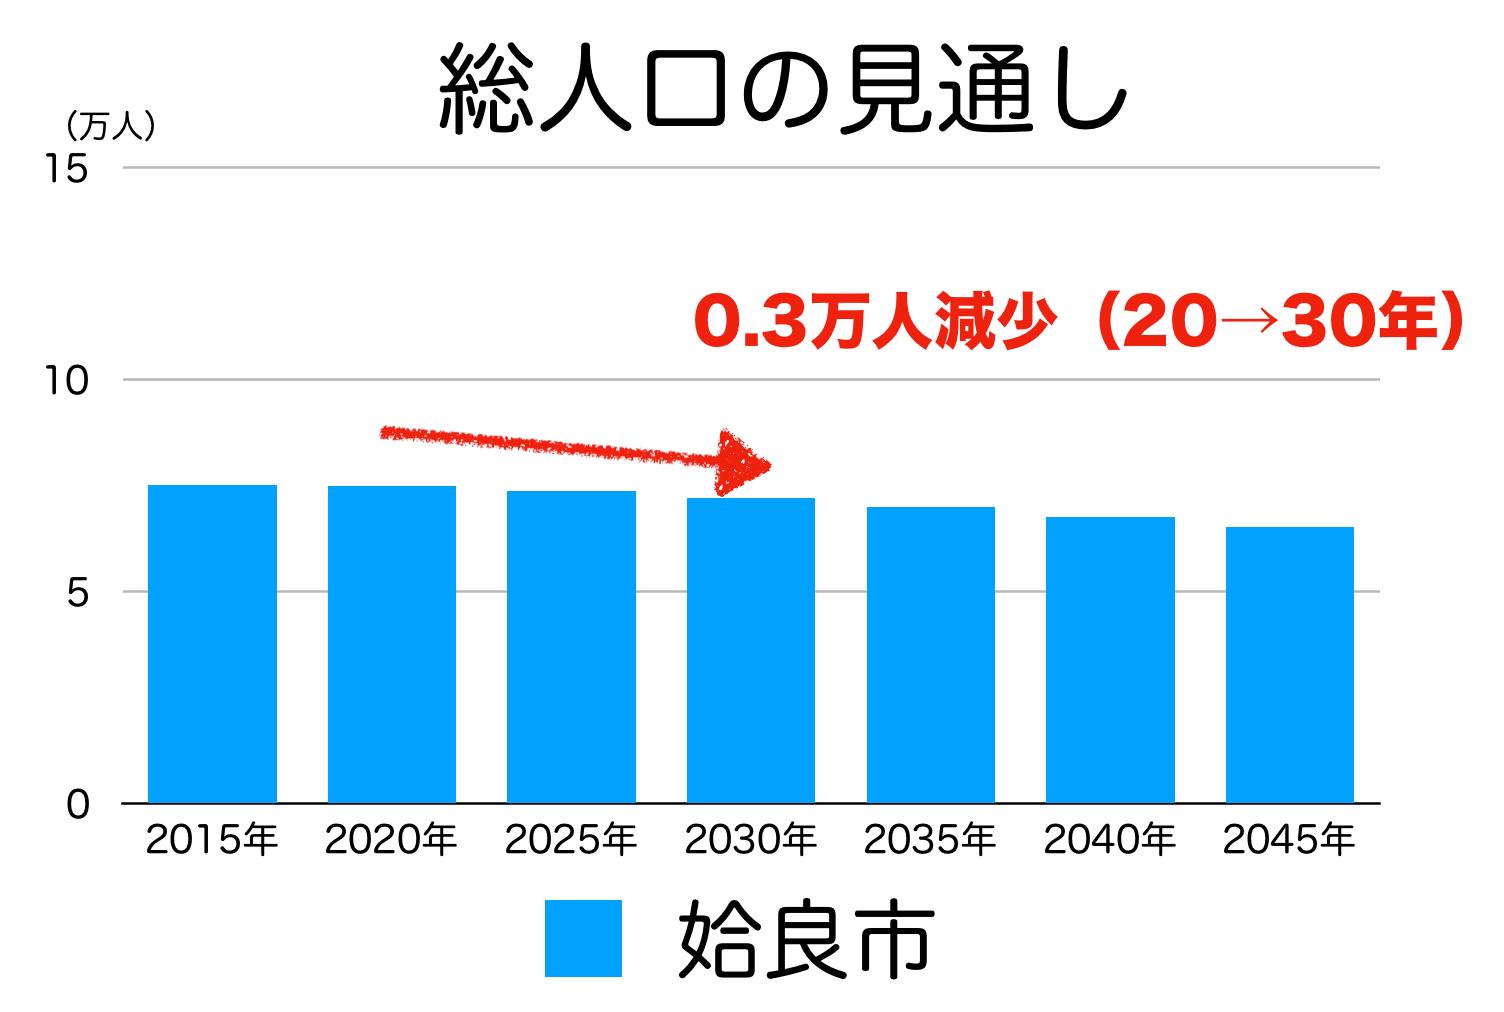 姶良市の人口予測